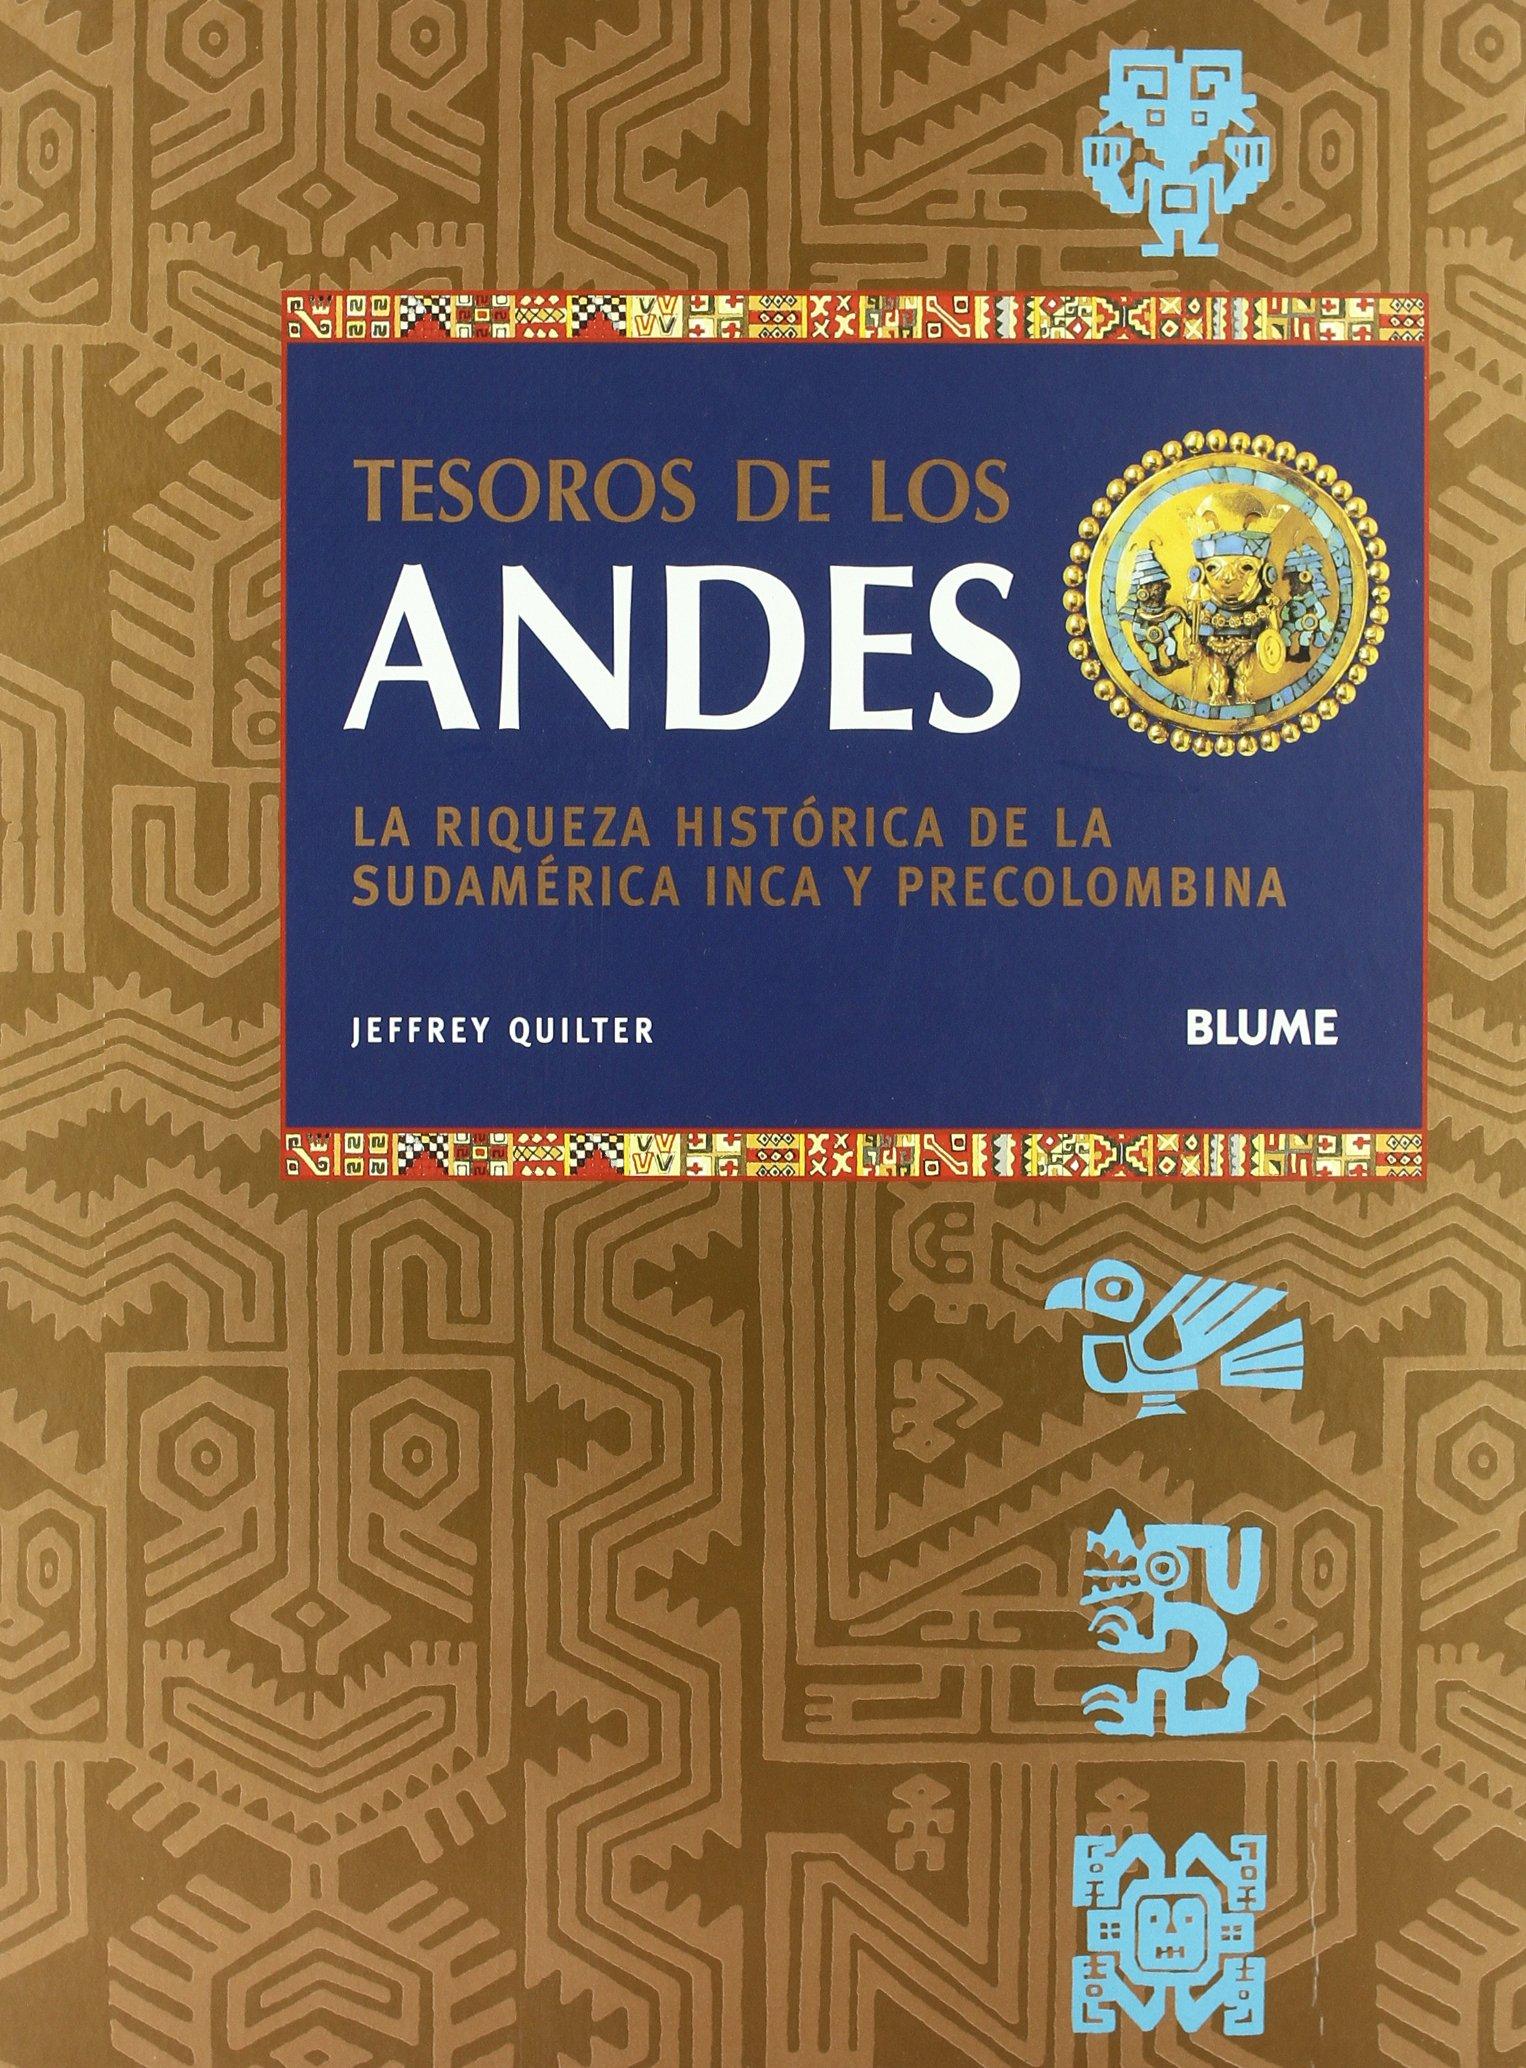 Tesoros de los Andes: La riqueza histórica de la sudamérica Inca y Precolombina